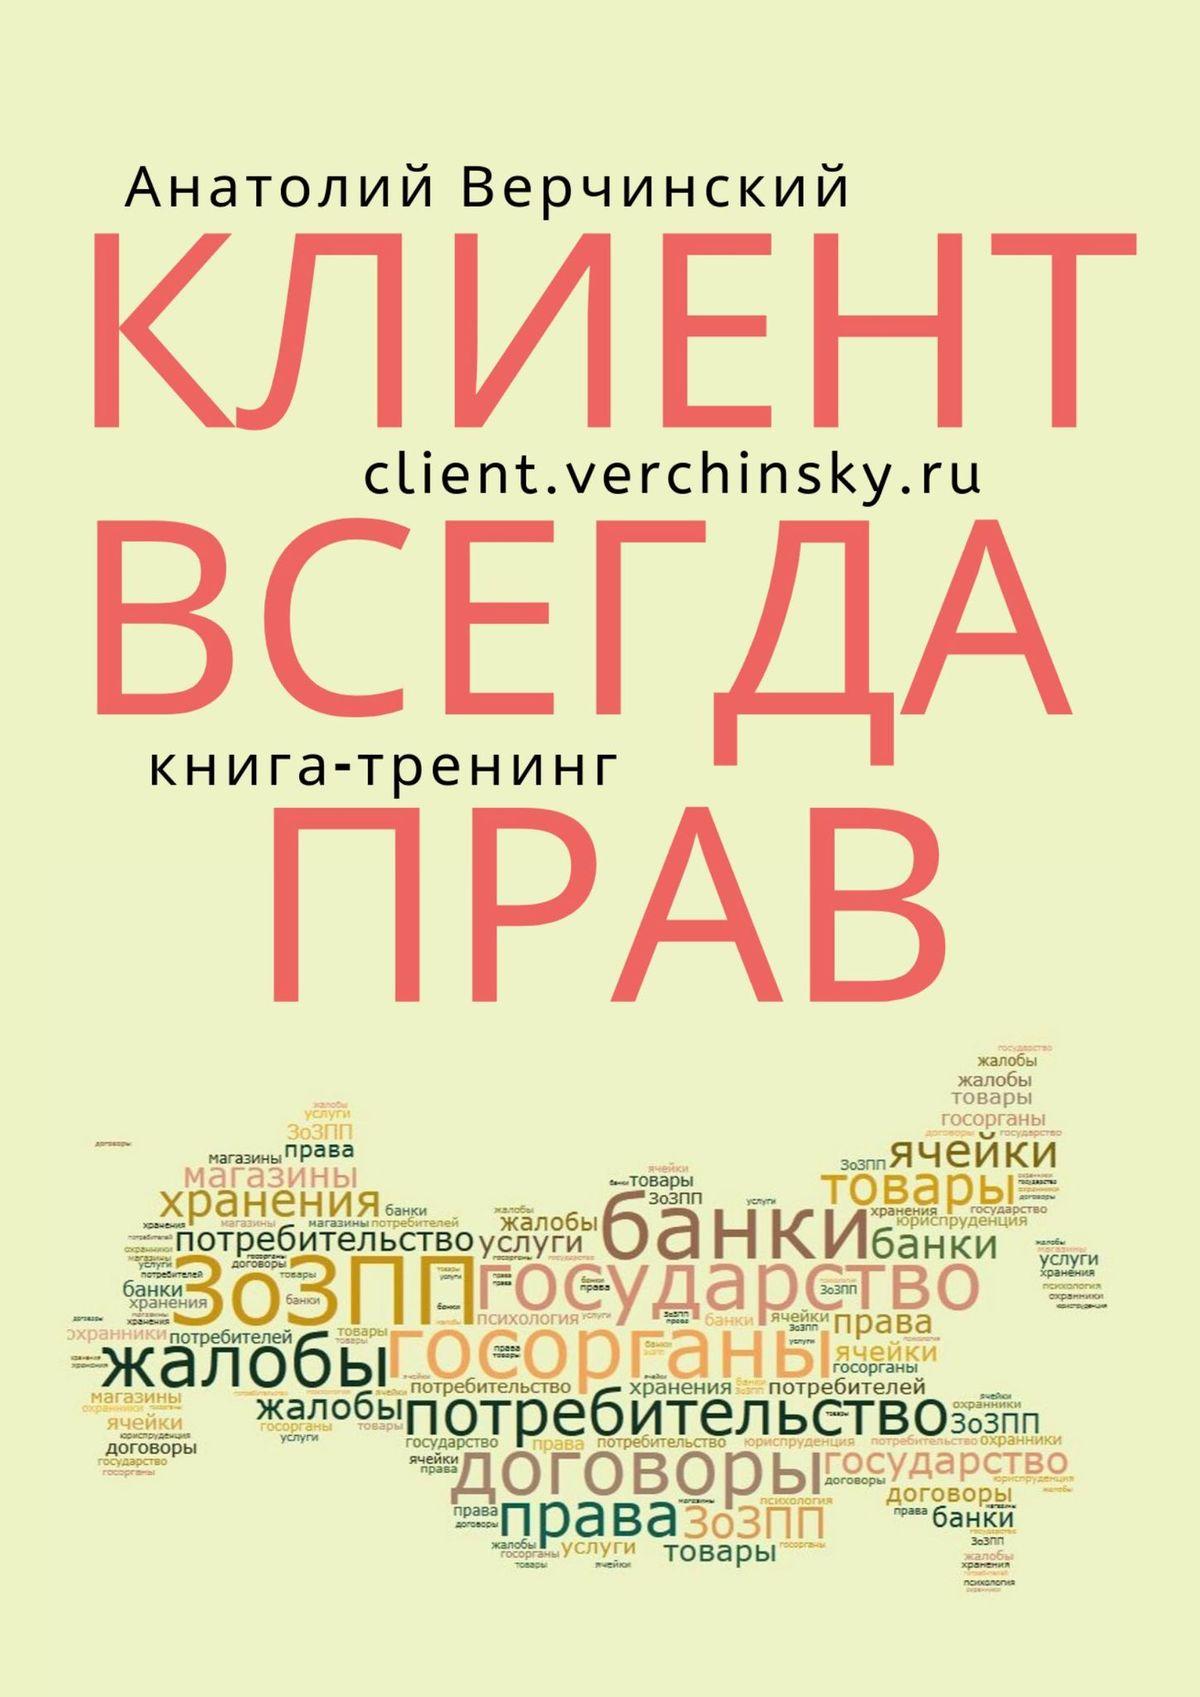 Анатолий Верчинский Клиент всегда прав! Правовой ликбез для потребителей анатолий верчинский моя война с